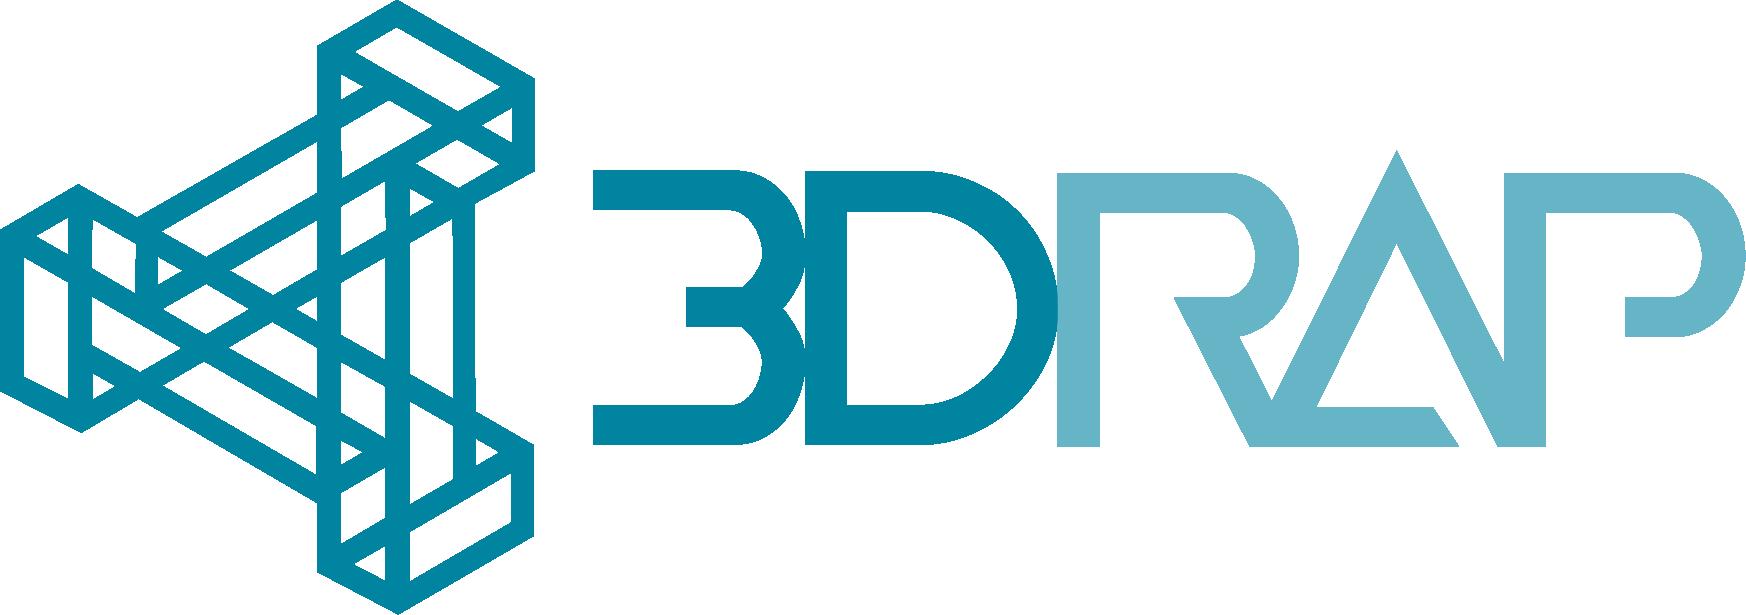 3DRap